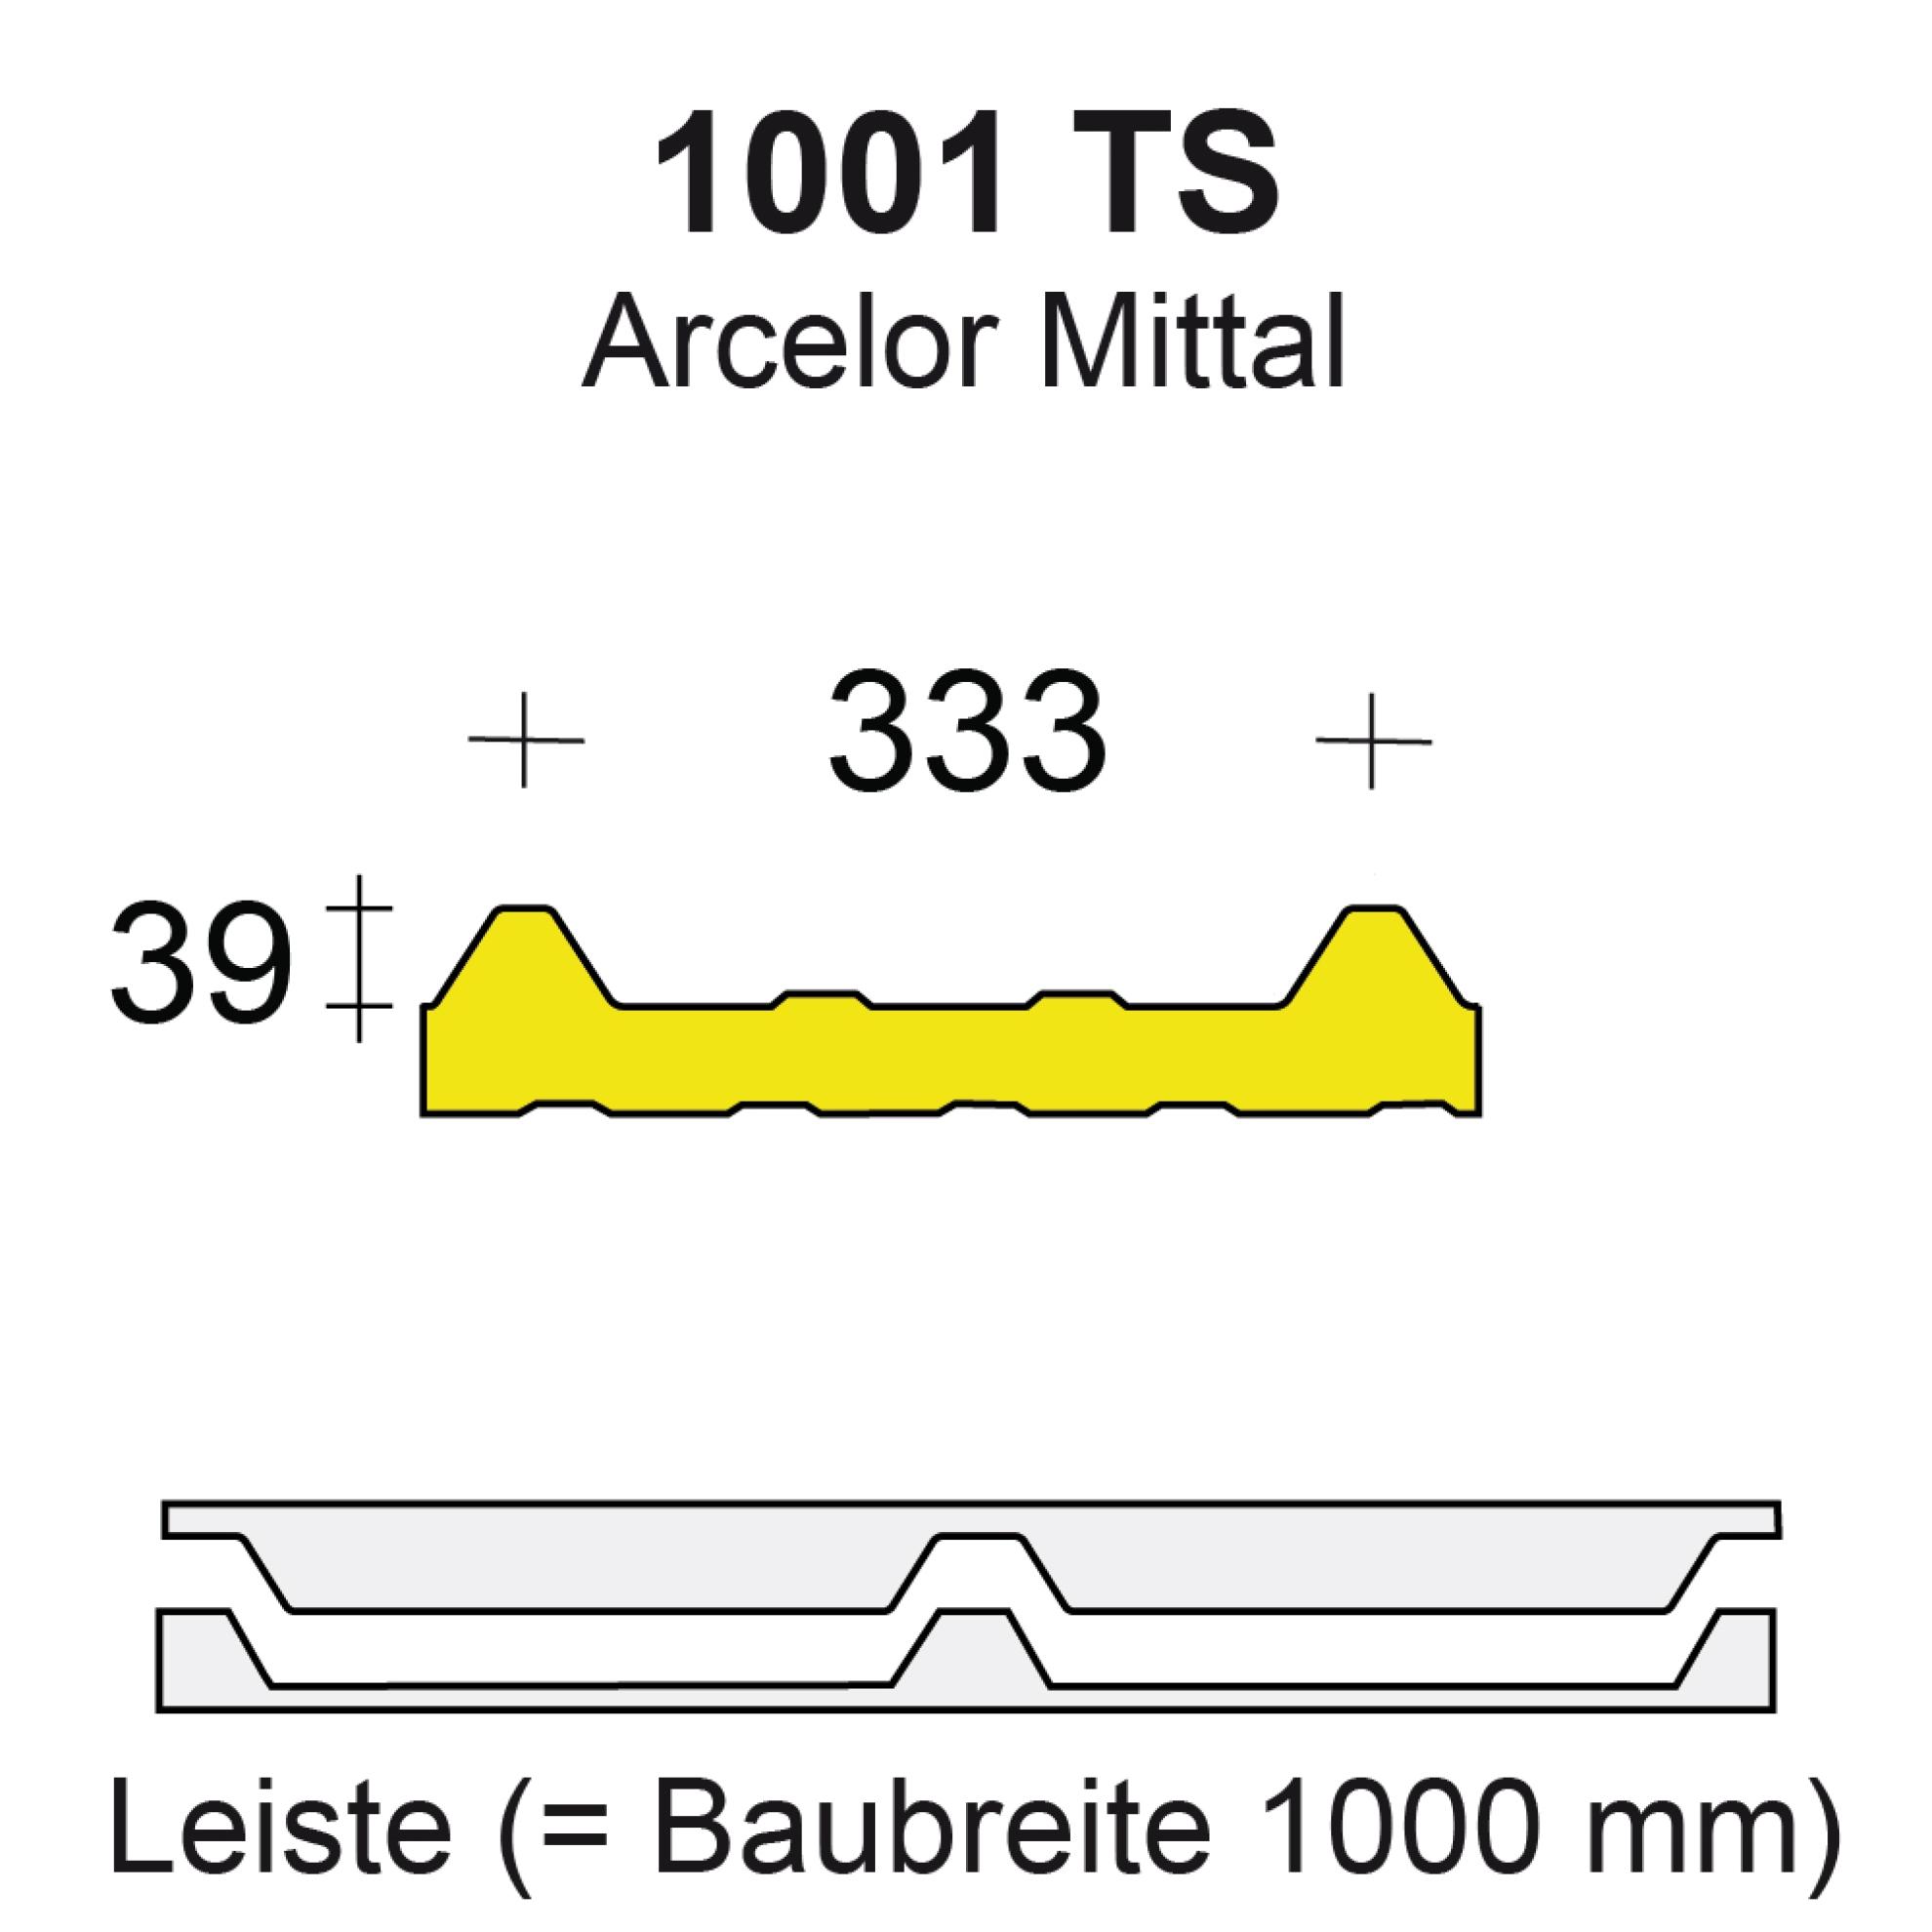 profilf ller arcelor mittall amcd typ 1001 ts sickenf ller arcelor mittal. Black Bedroom Furniture Sets. Home Design Ideas